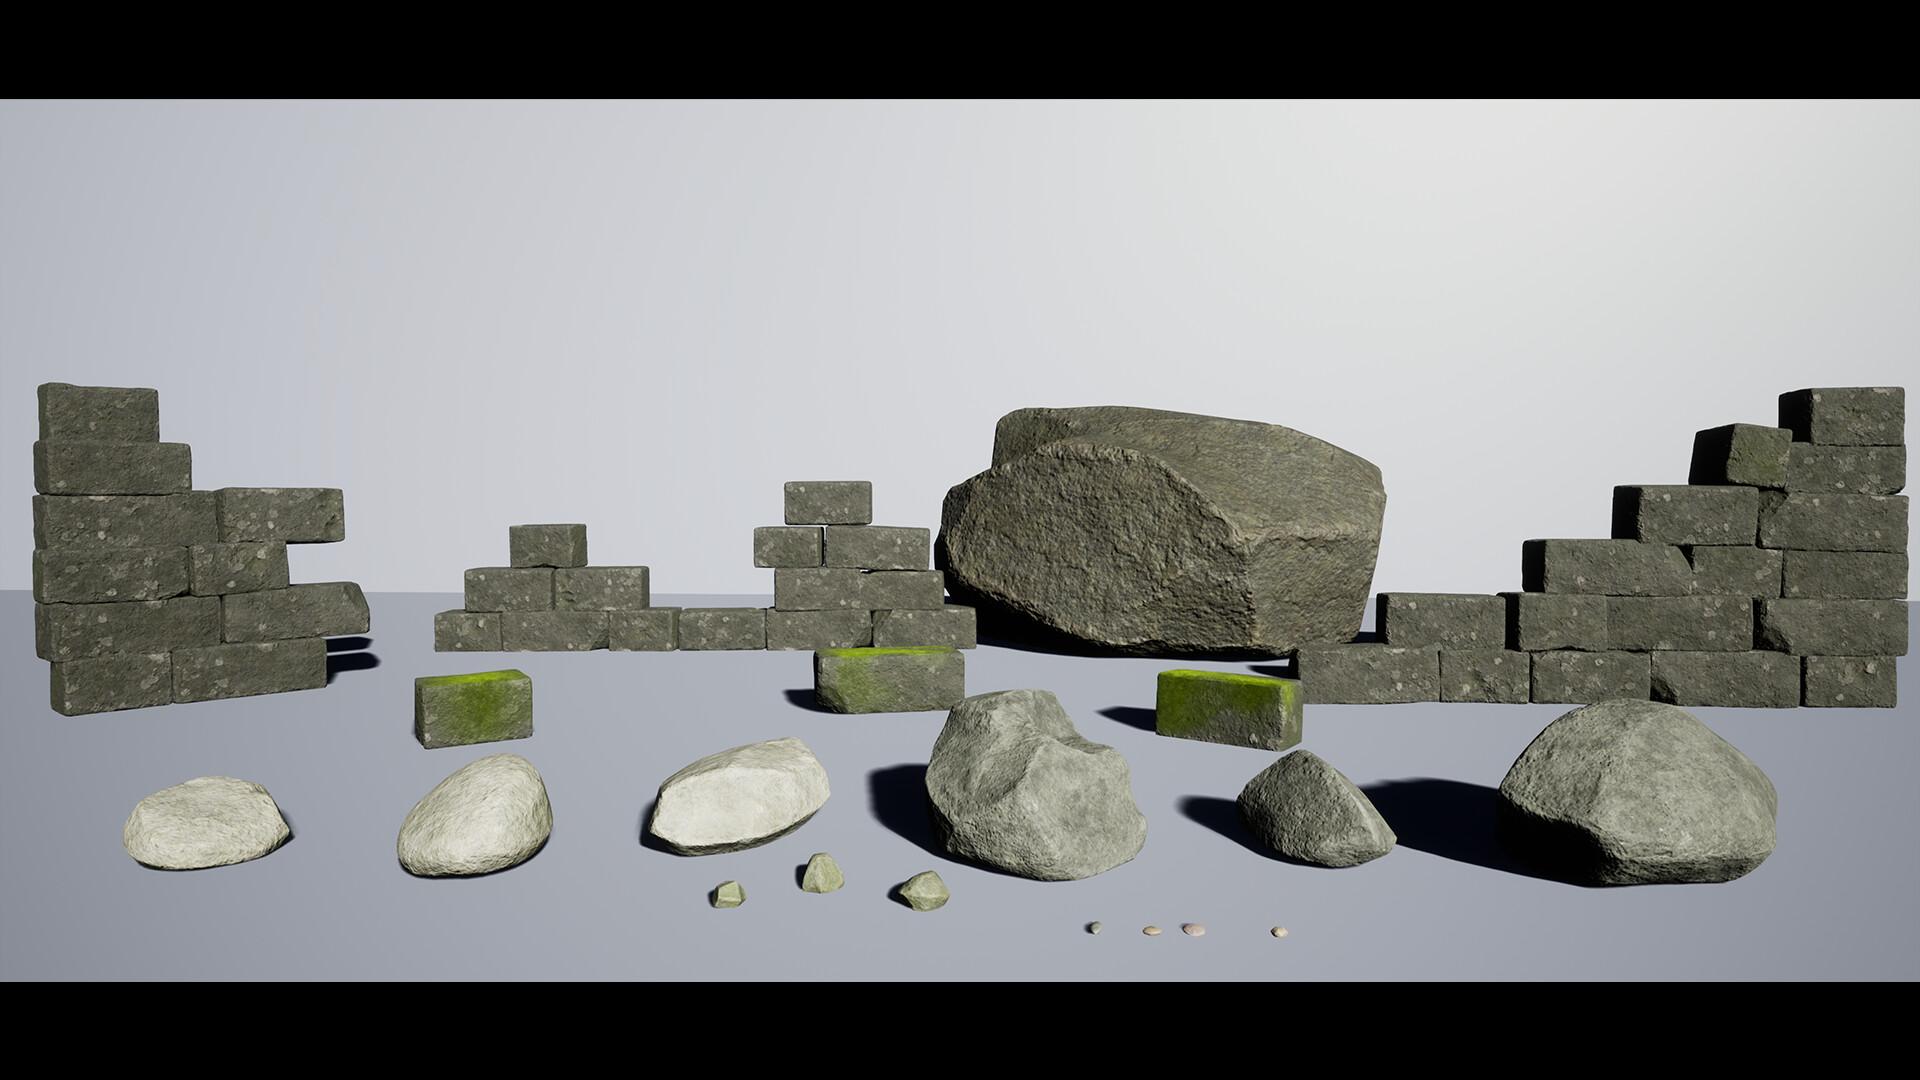 Christoffer sjostrom rocksandruins breakdown